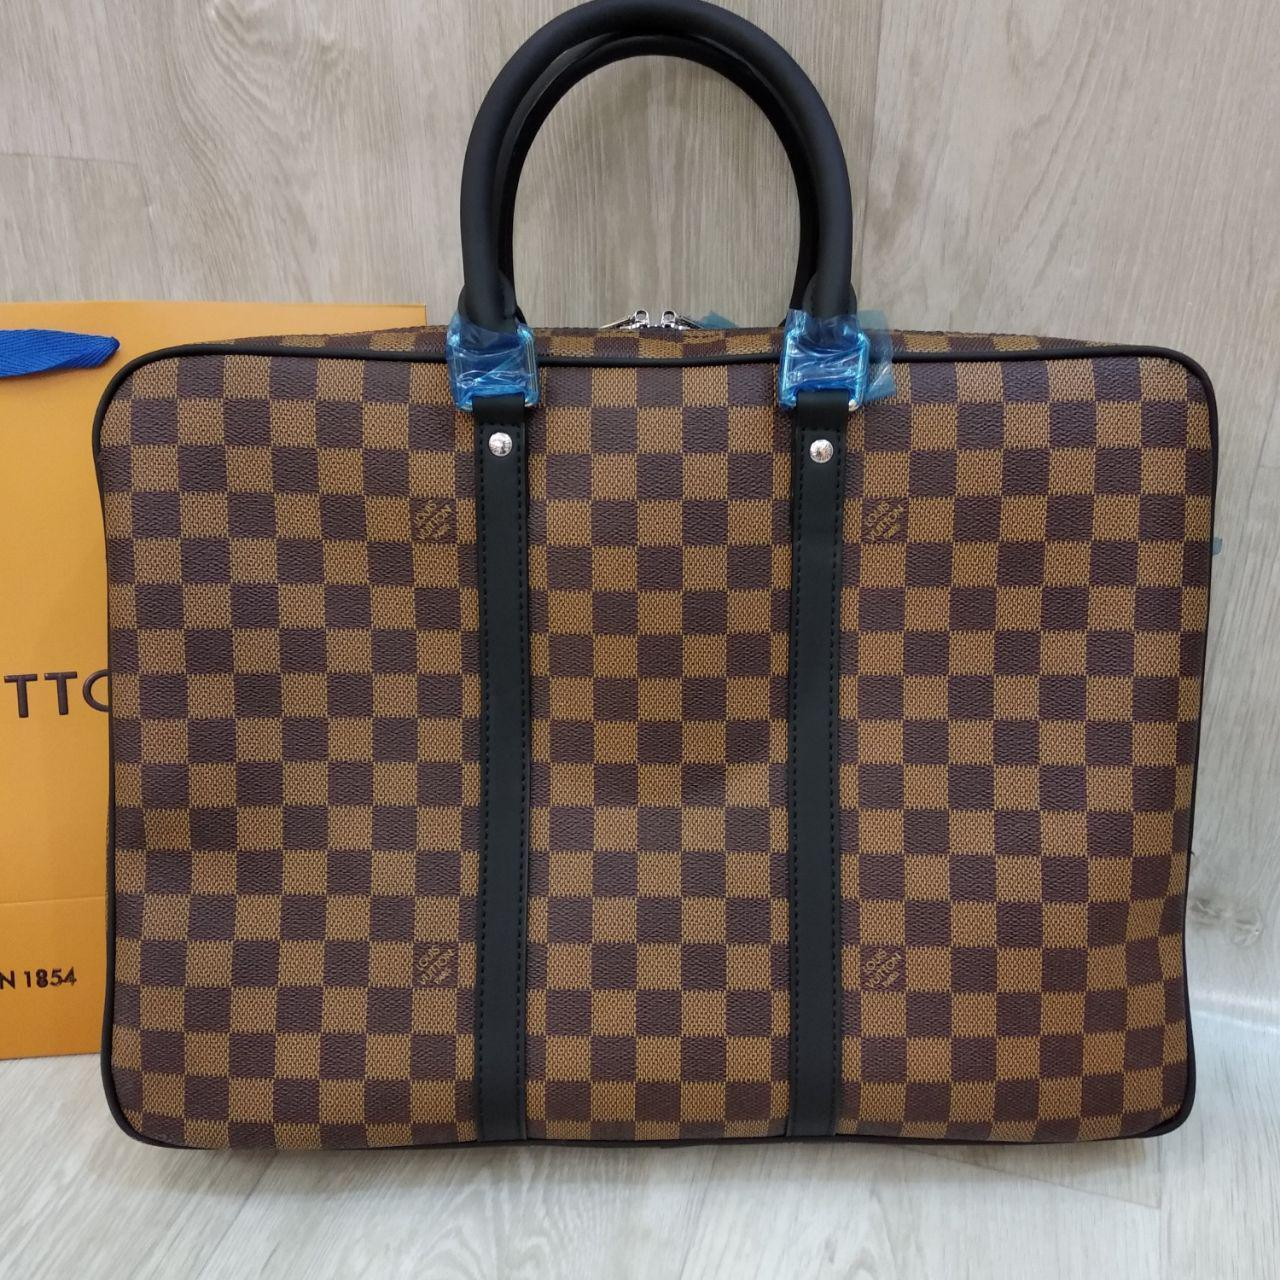 Сумка для документов и ноутбука Louis Vuitton, кожа+ канва